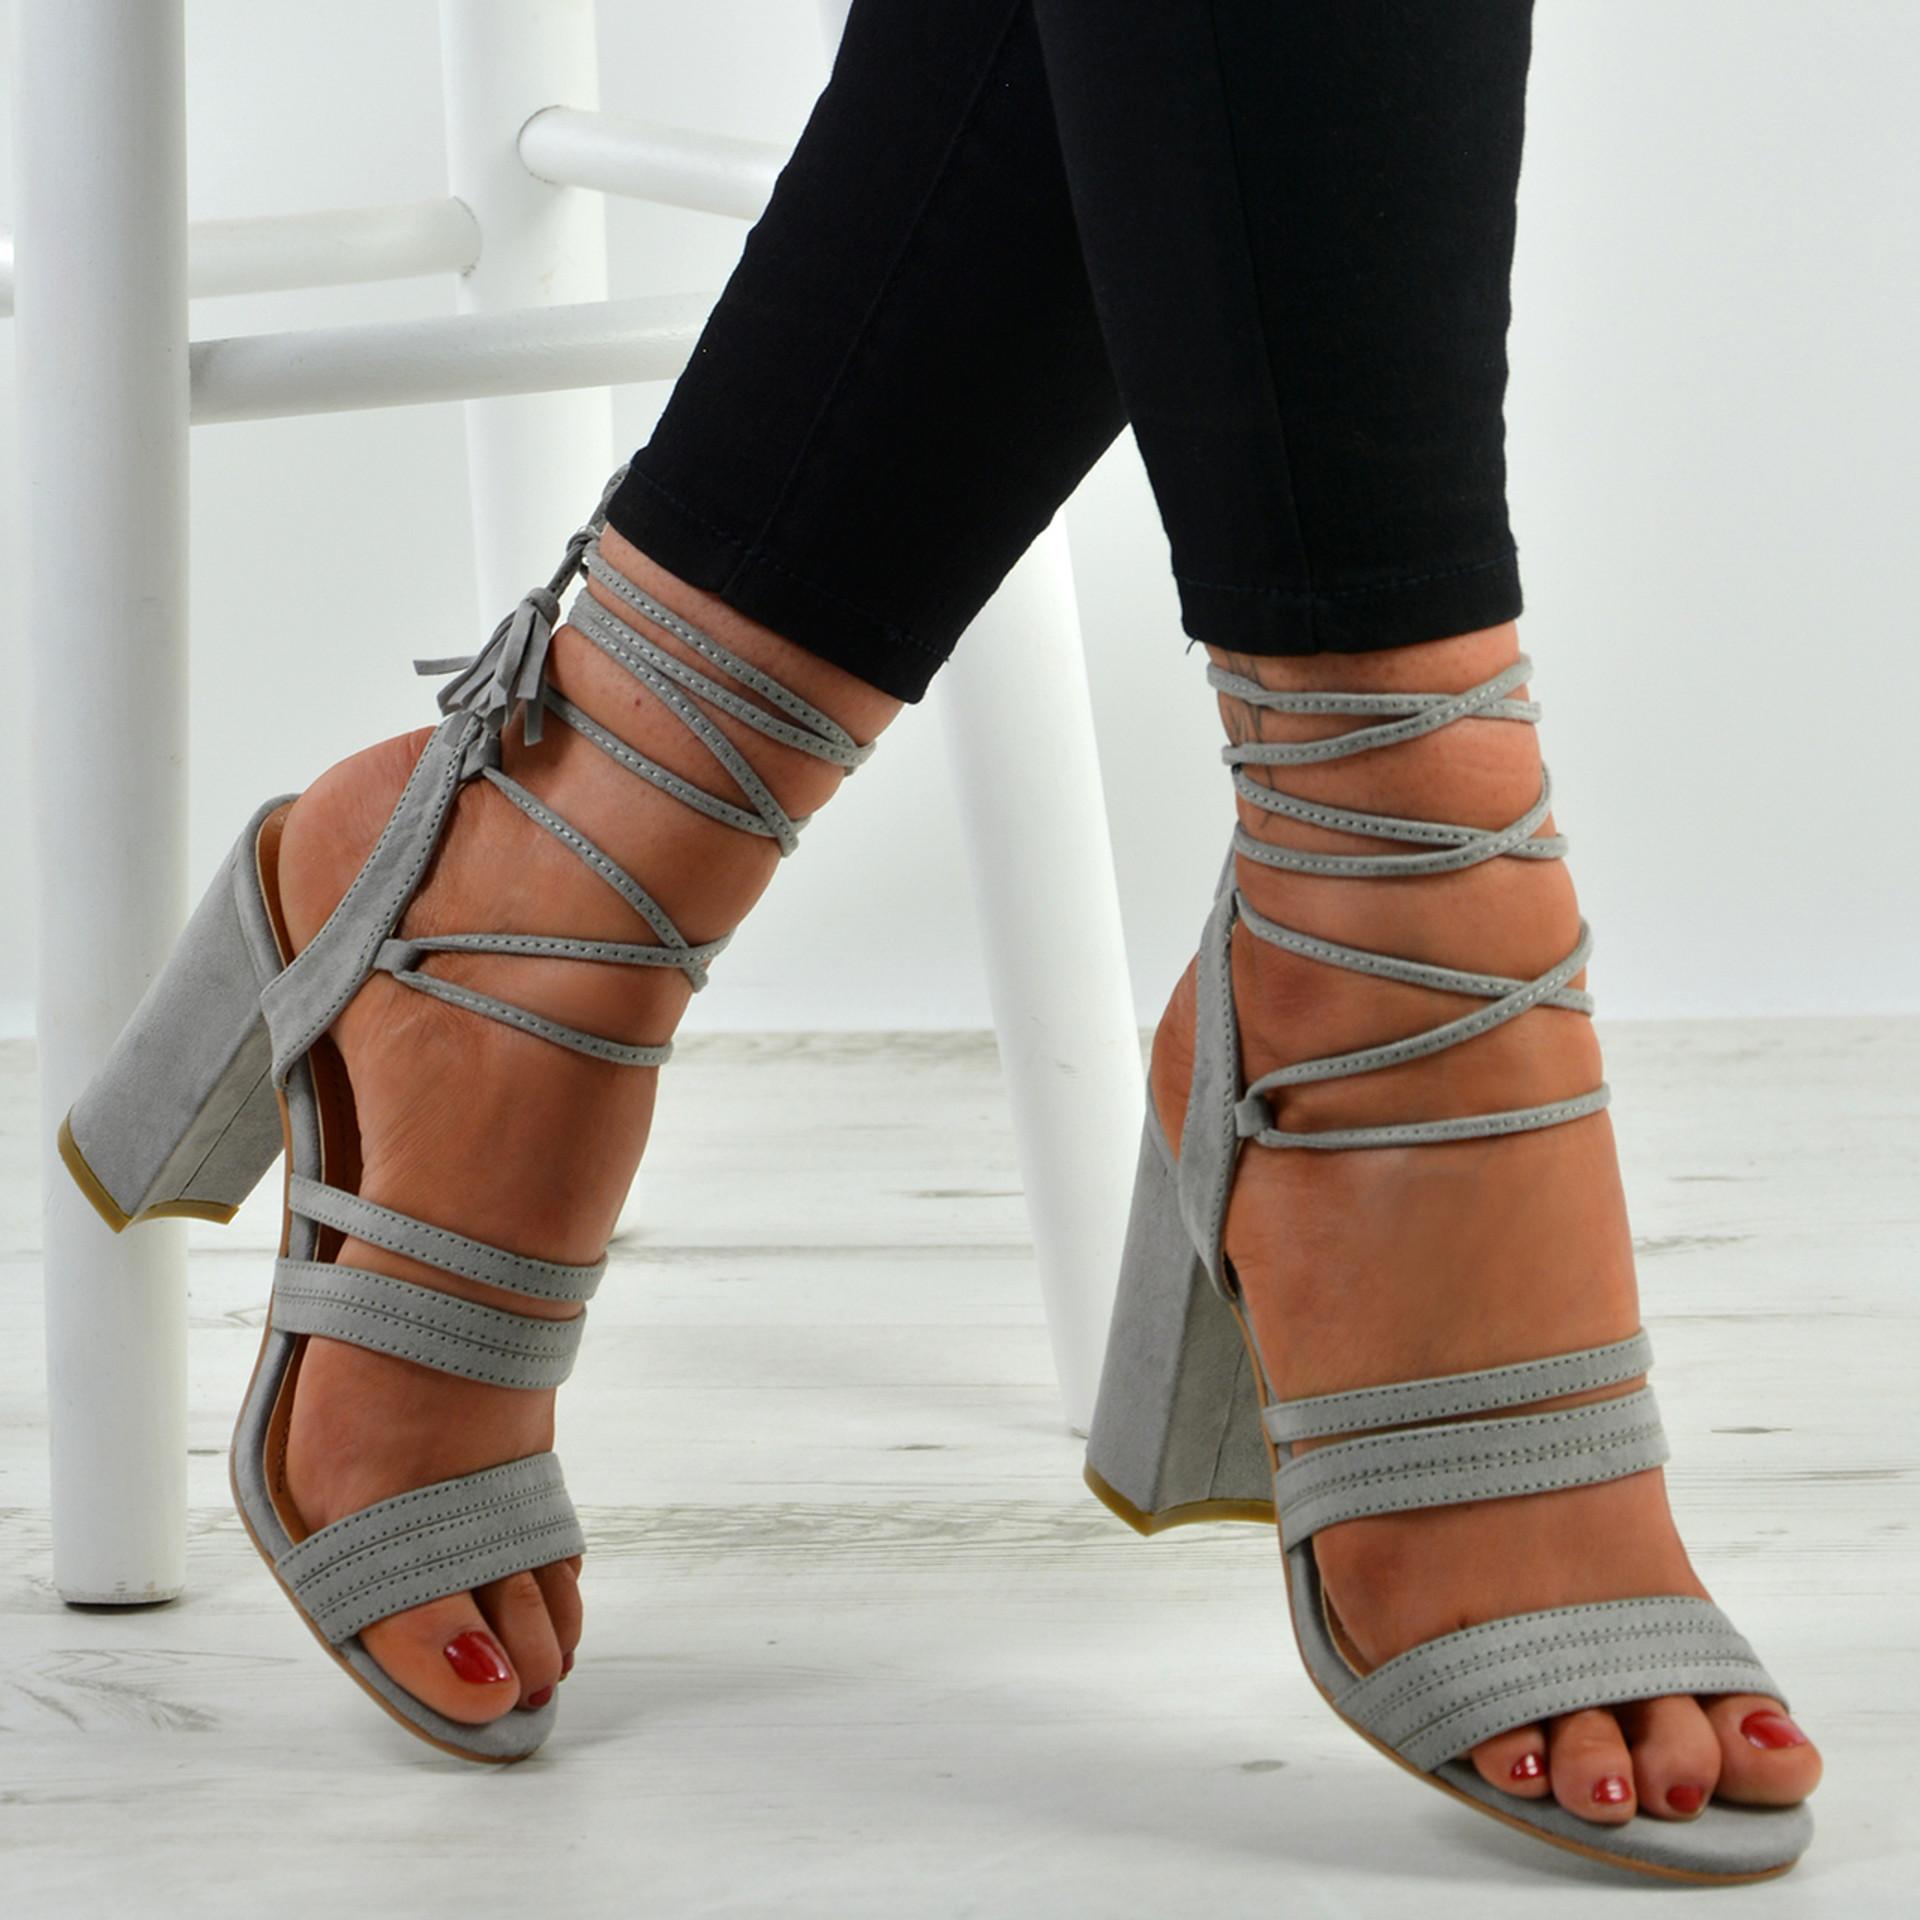 Brielle Grey Block Heel Sandals